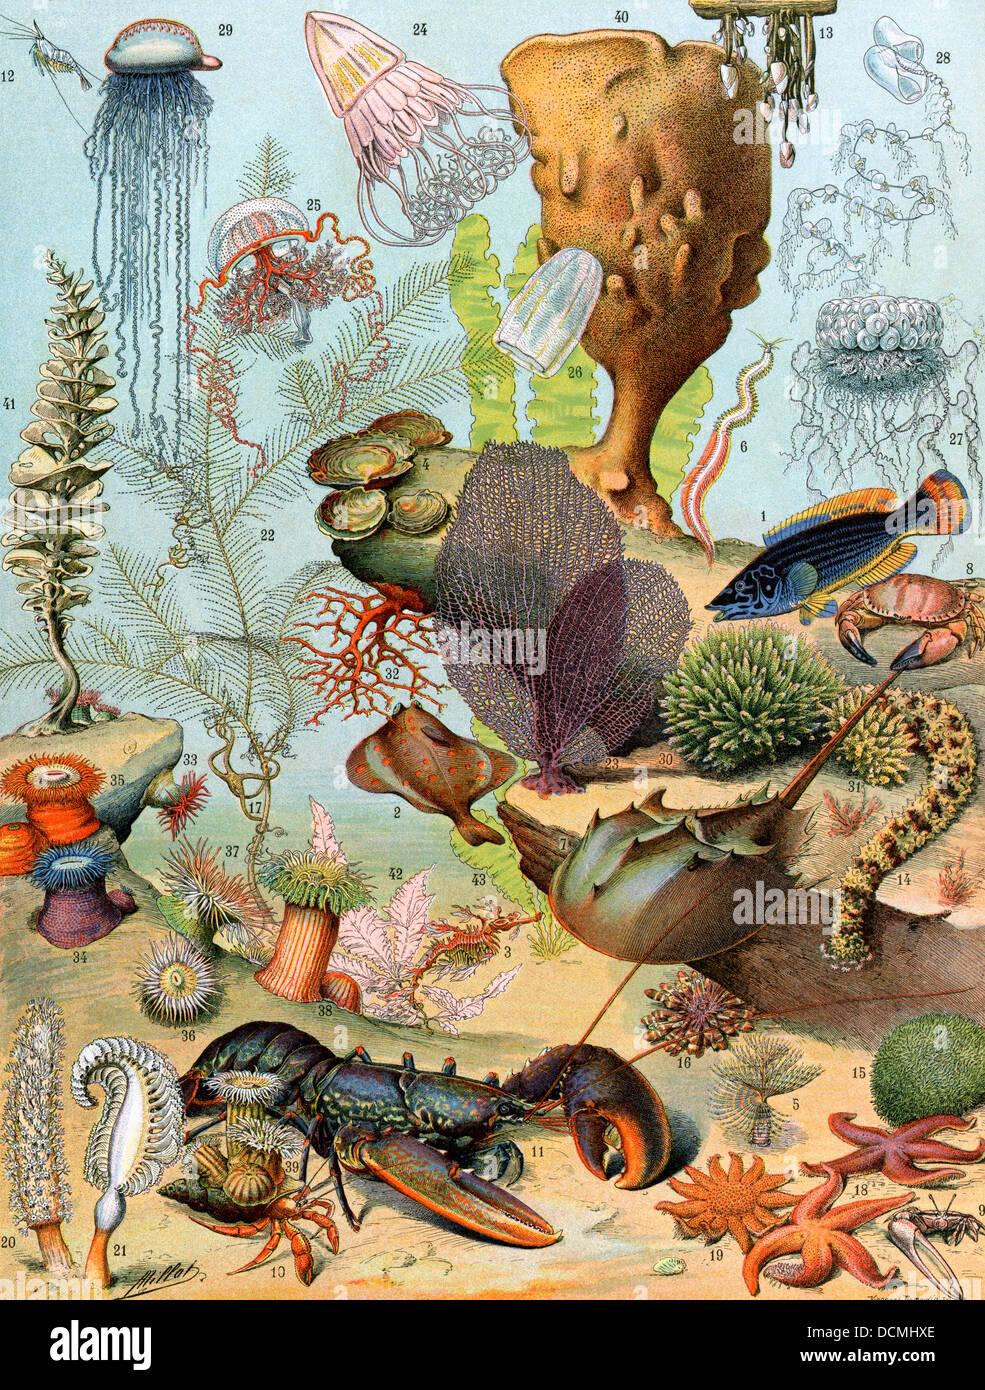 La vie sur le fond de la mer, y compris les crustacés et mollusques. Photo Stock